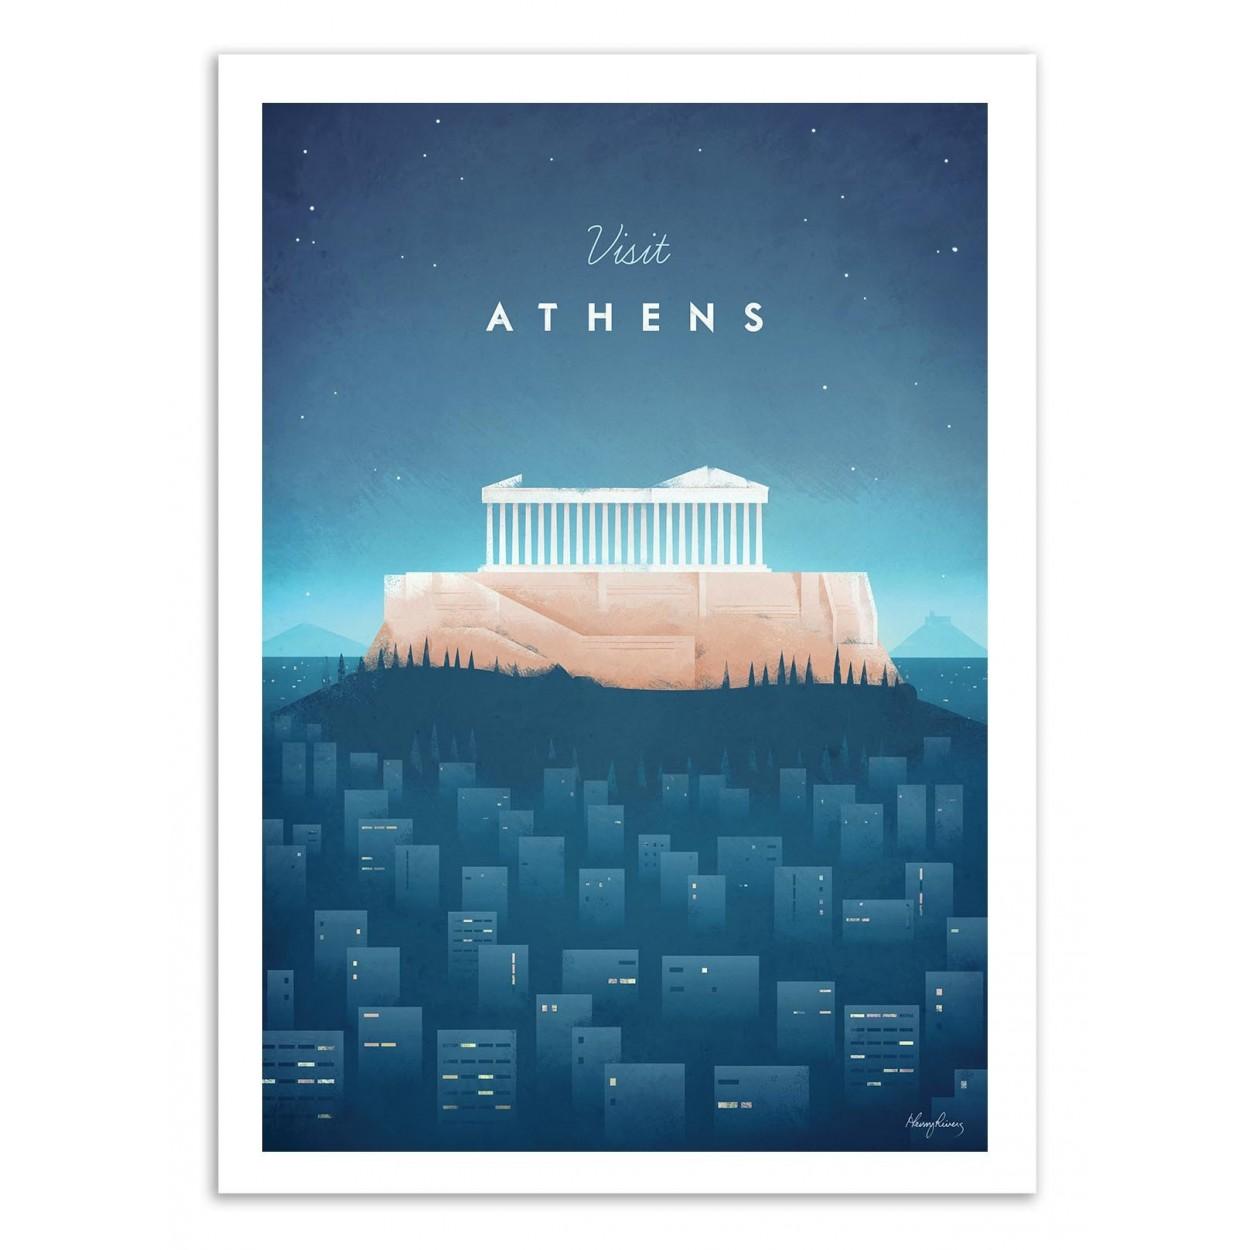 VISIT ATHENS -  Affiche d'art 50 x 70 cm